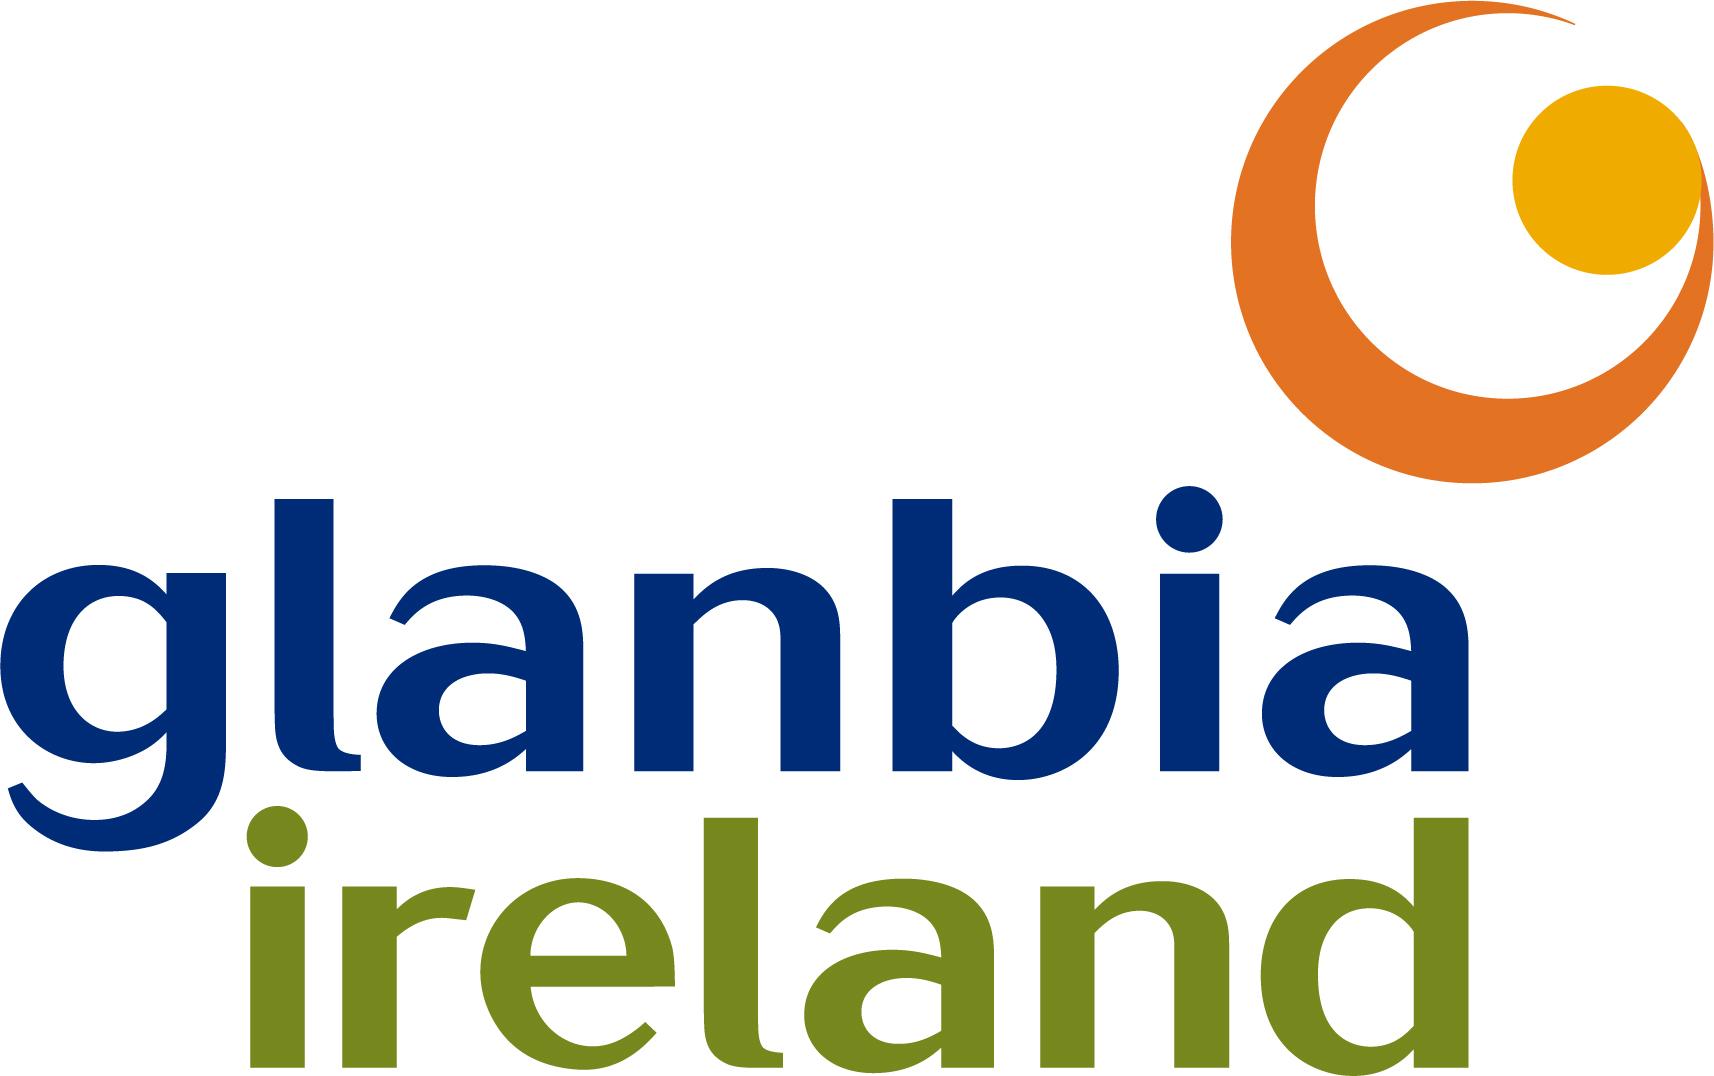 Glanbia Ireland logotype